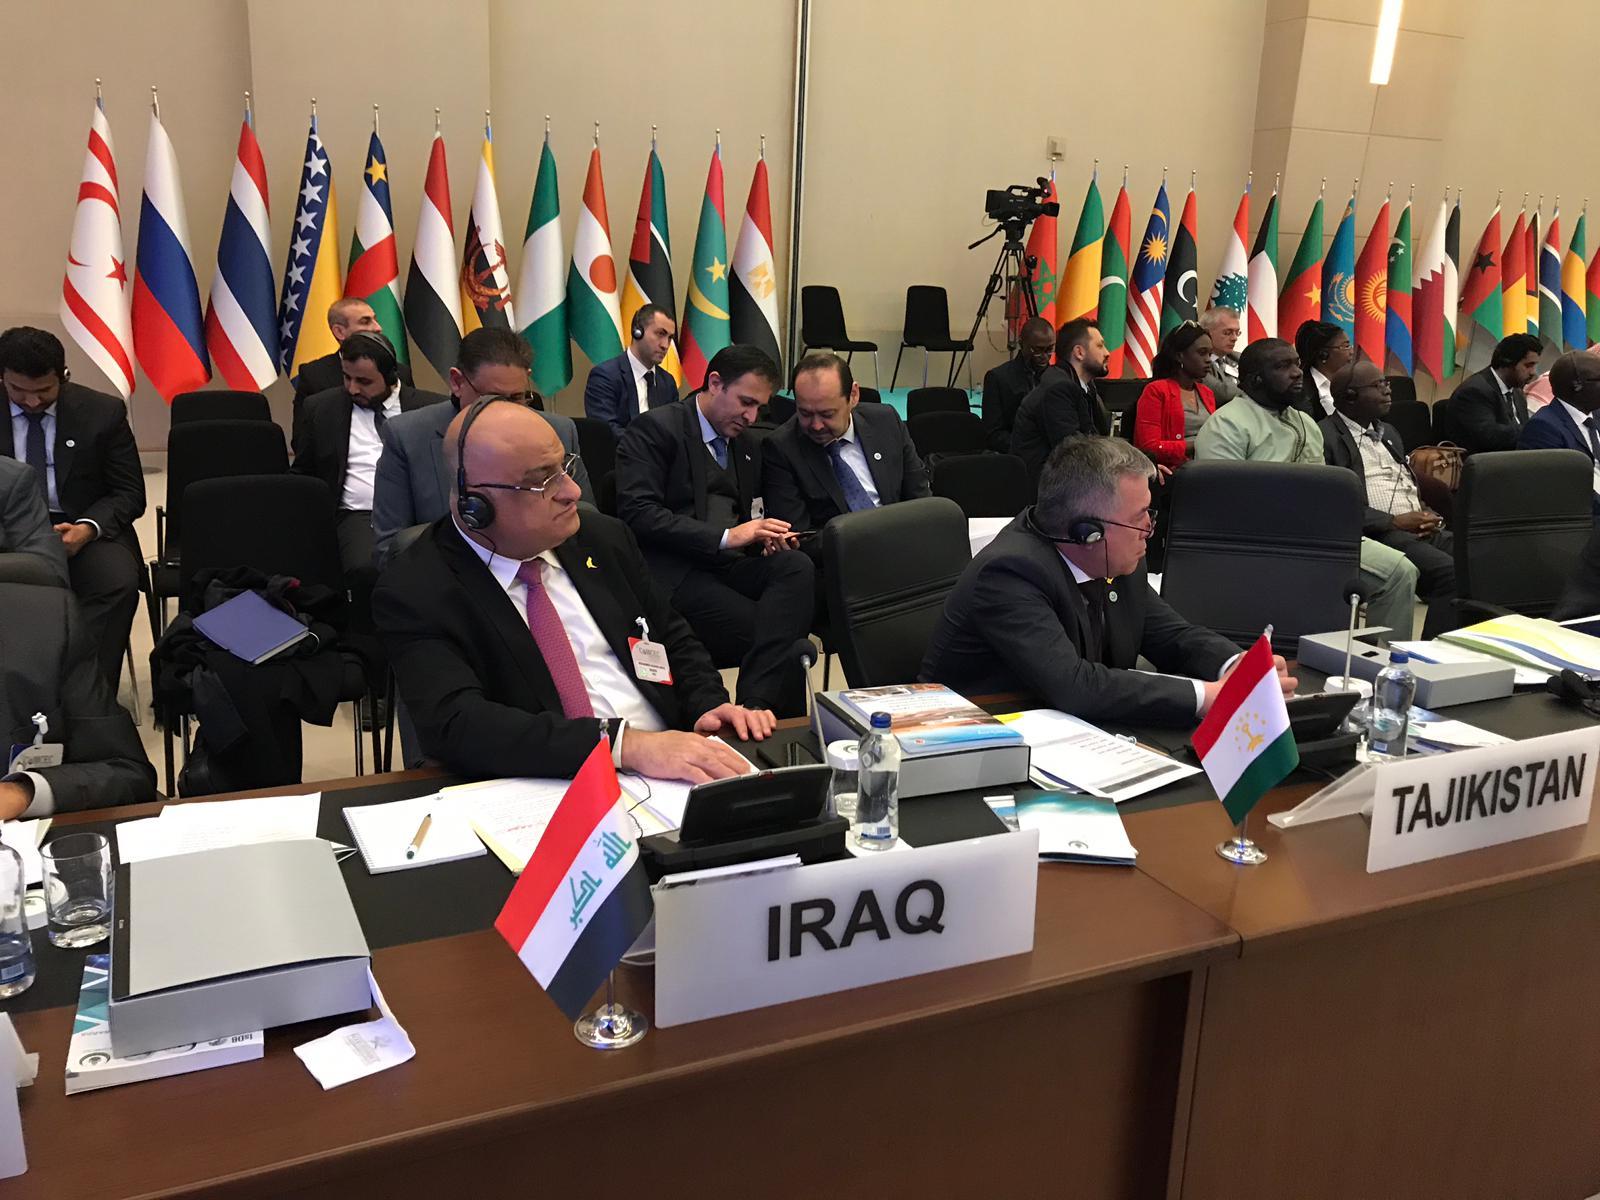 وزير التجارة يدعو اعضاء التعاون الاسلامي للمشاركة في معرض التجارة للمنظمة في بغداد